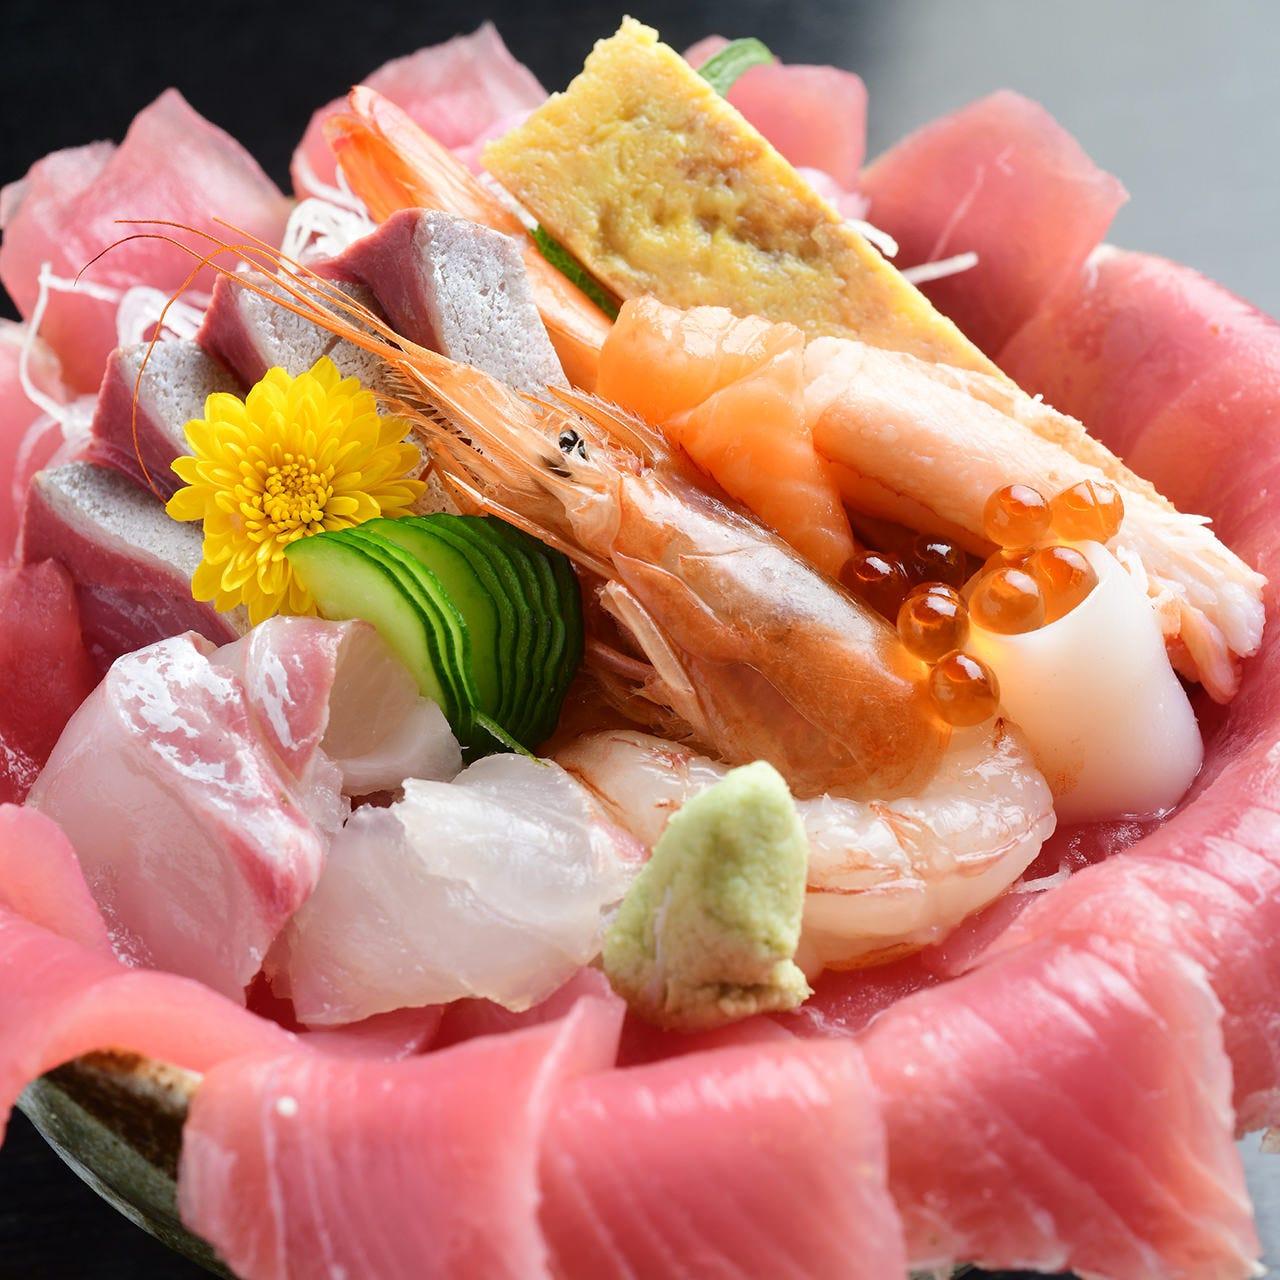 約8種の鮮魚がたっぷり「季節のスペシャルランチ海鮮丼」